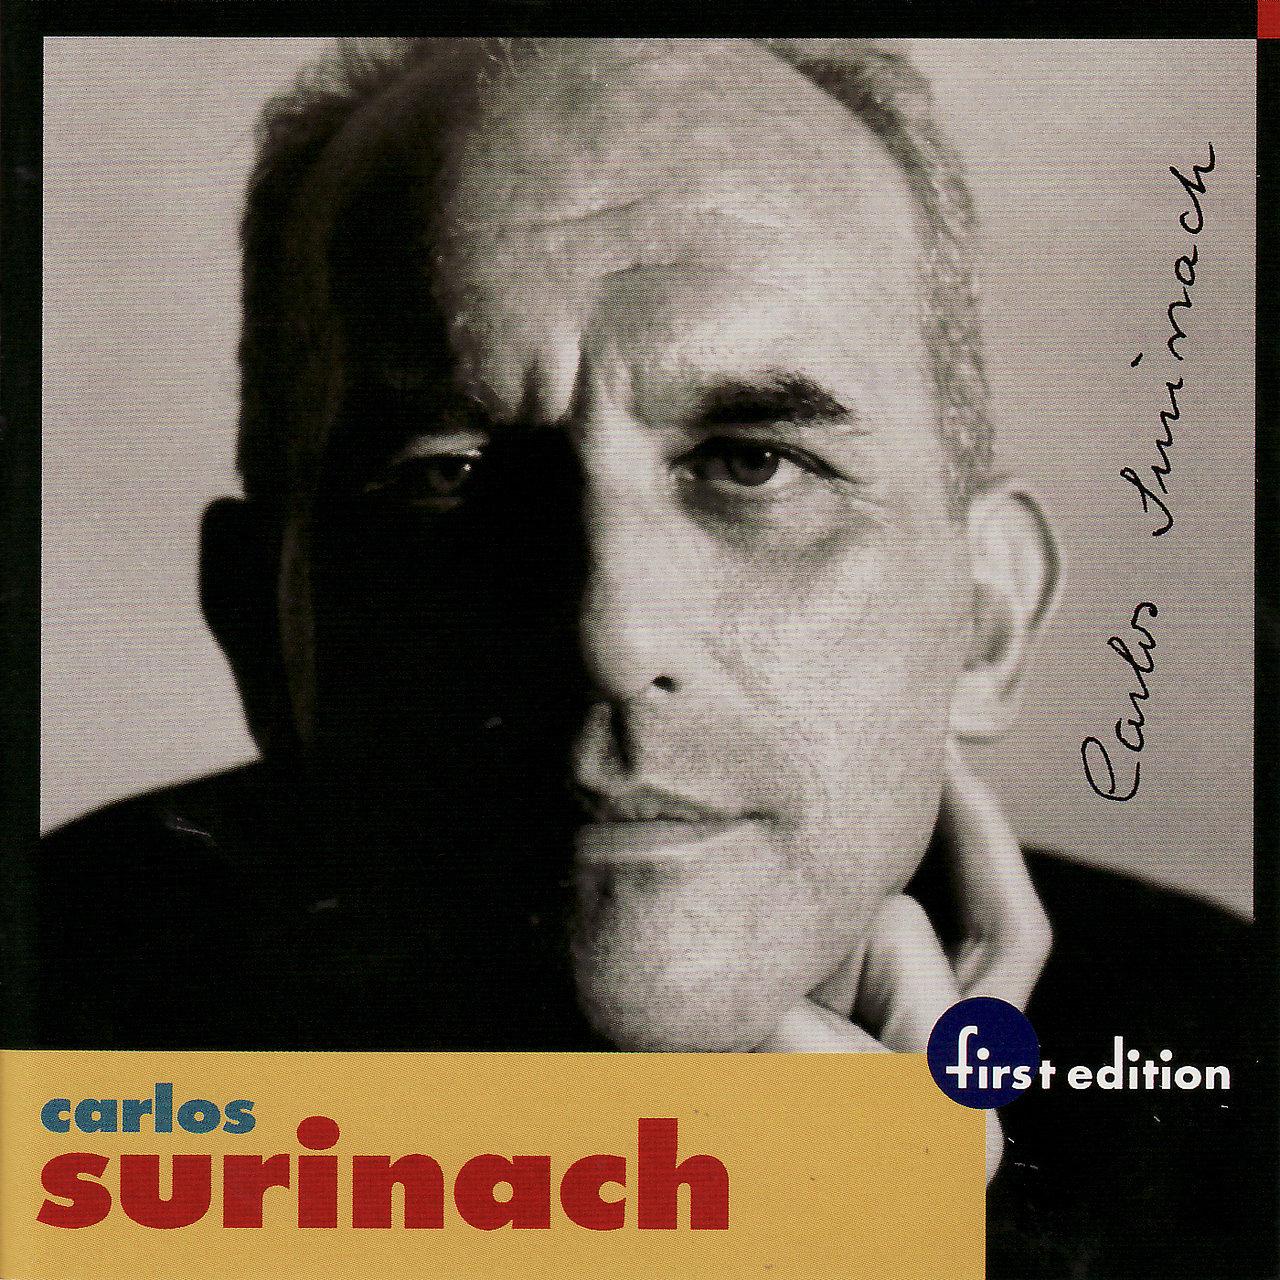 surinach-s-flamenca